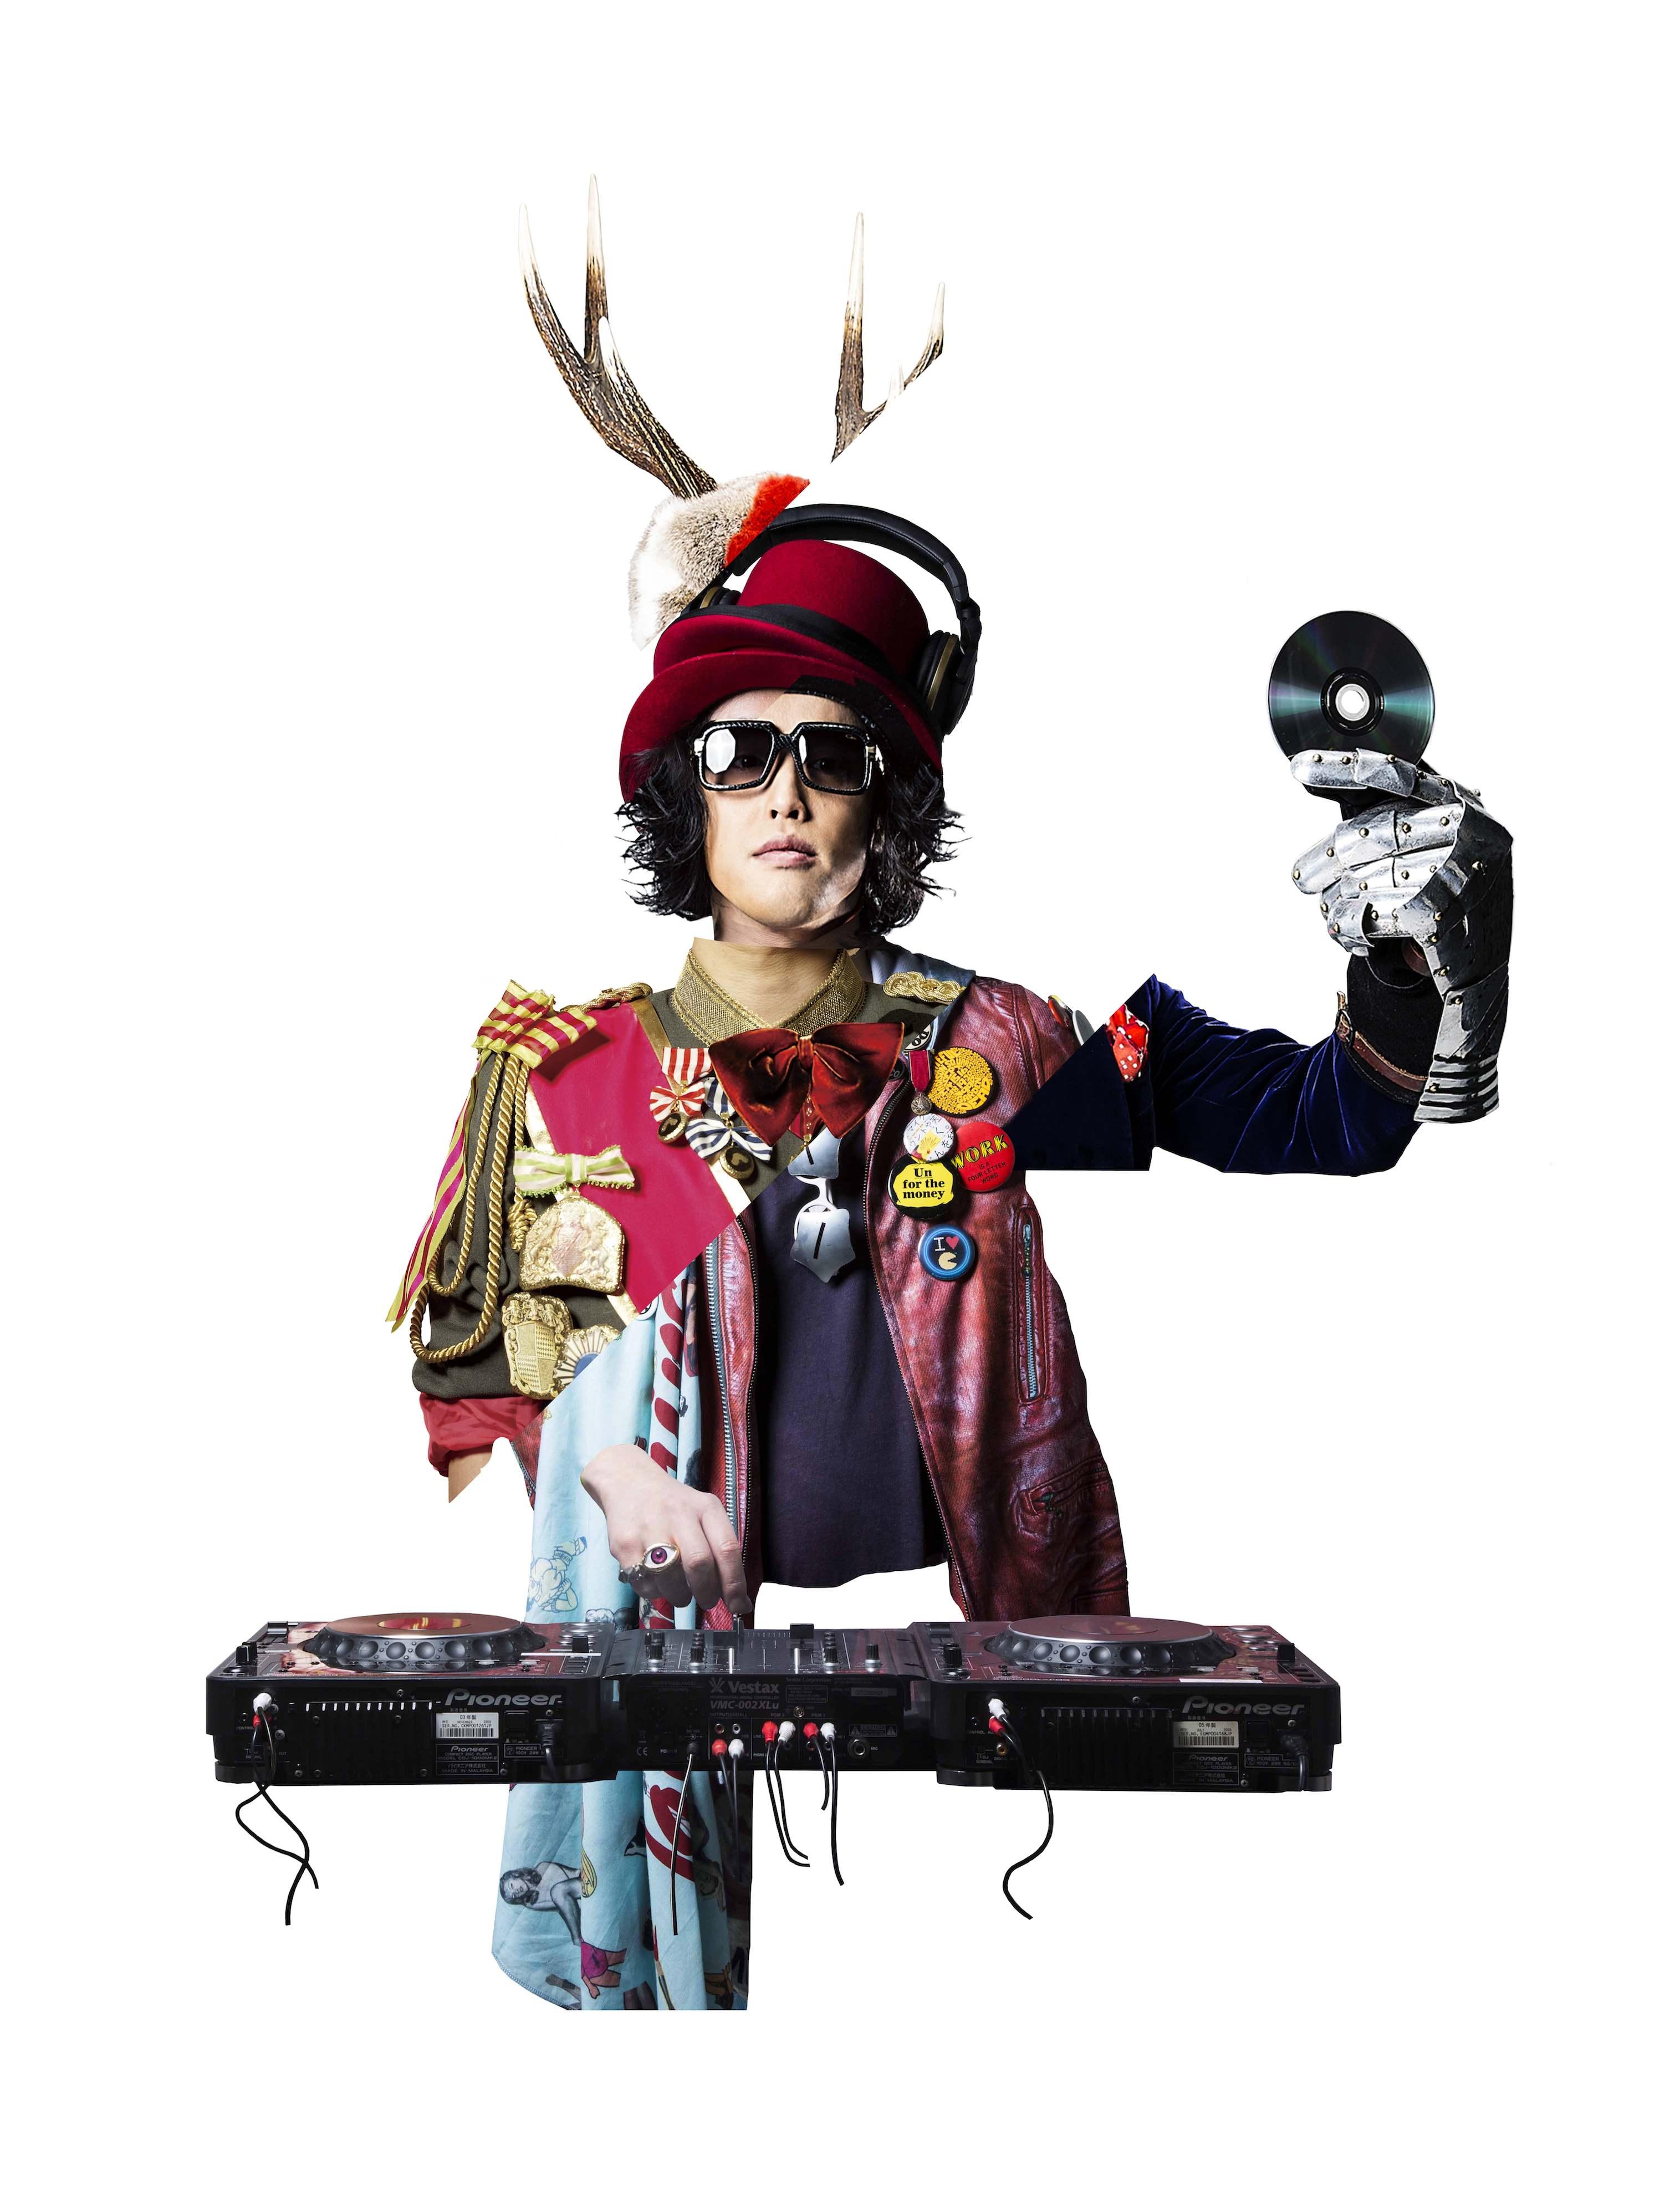 """世界初!電子楽器""""テルミン""""による音楽フェス開催!やついいちろう、街角マチコによるセッションも d766e478cb5a9dc48e3b358bf5b1eb66"""